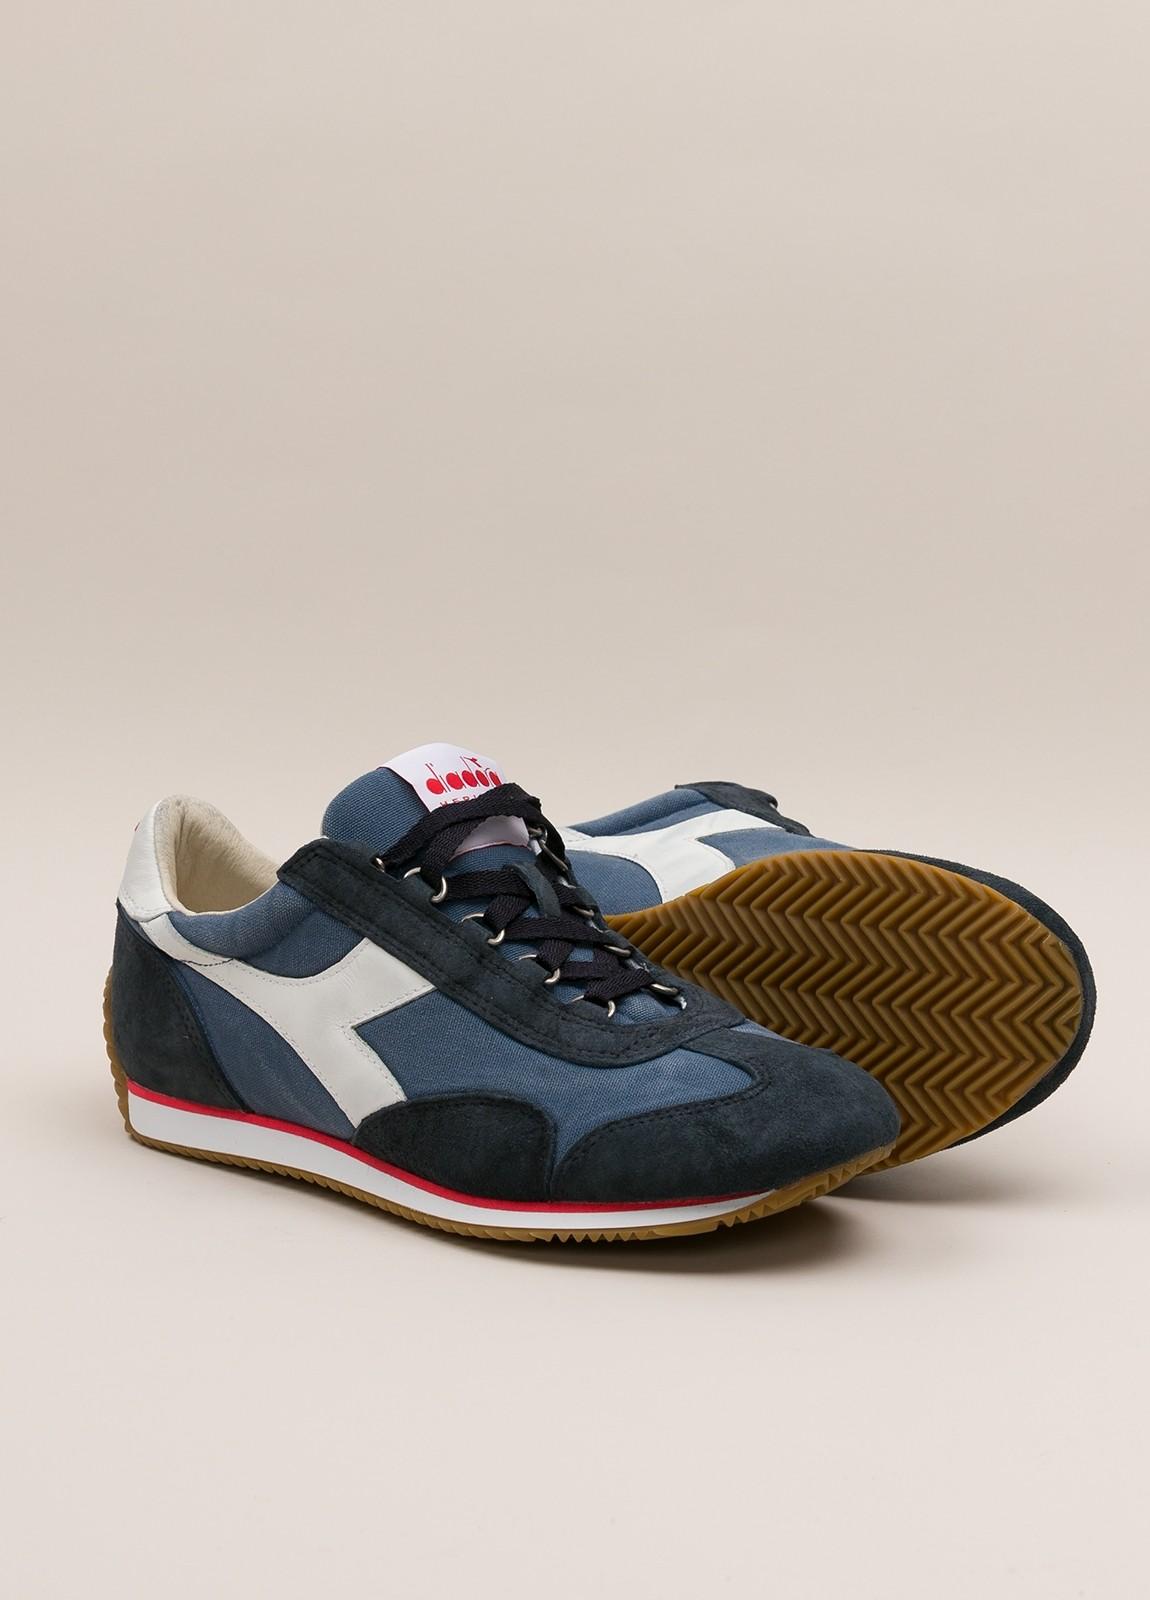 Sneakers DIADORA color azul - Ítem3